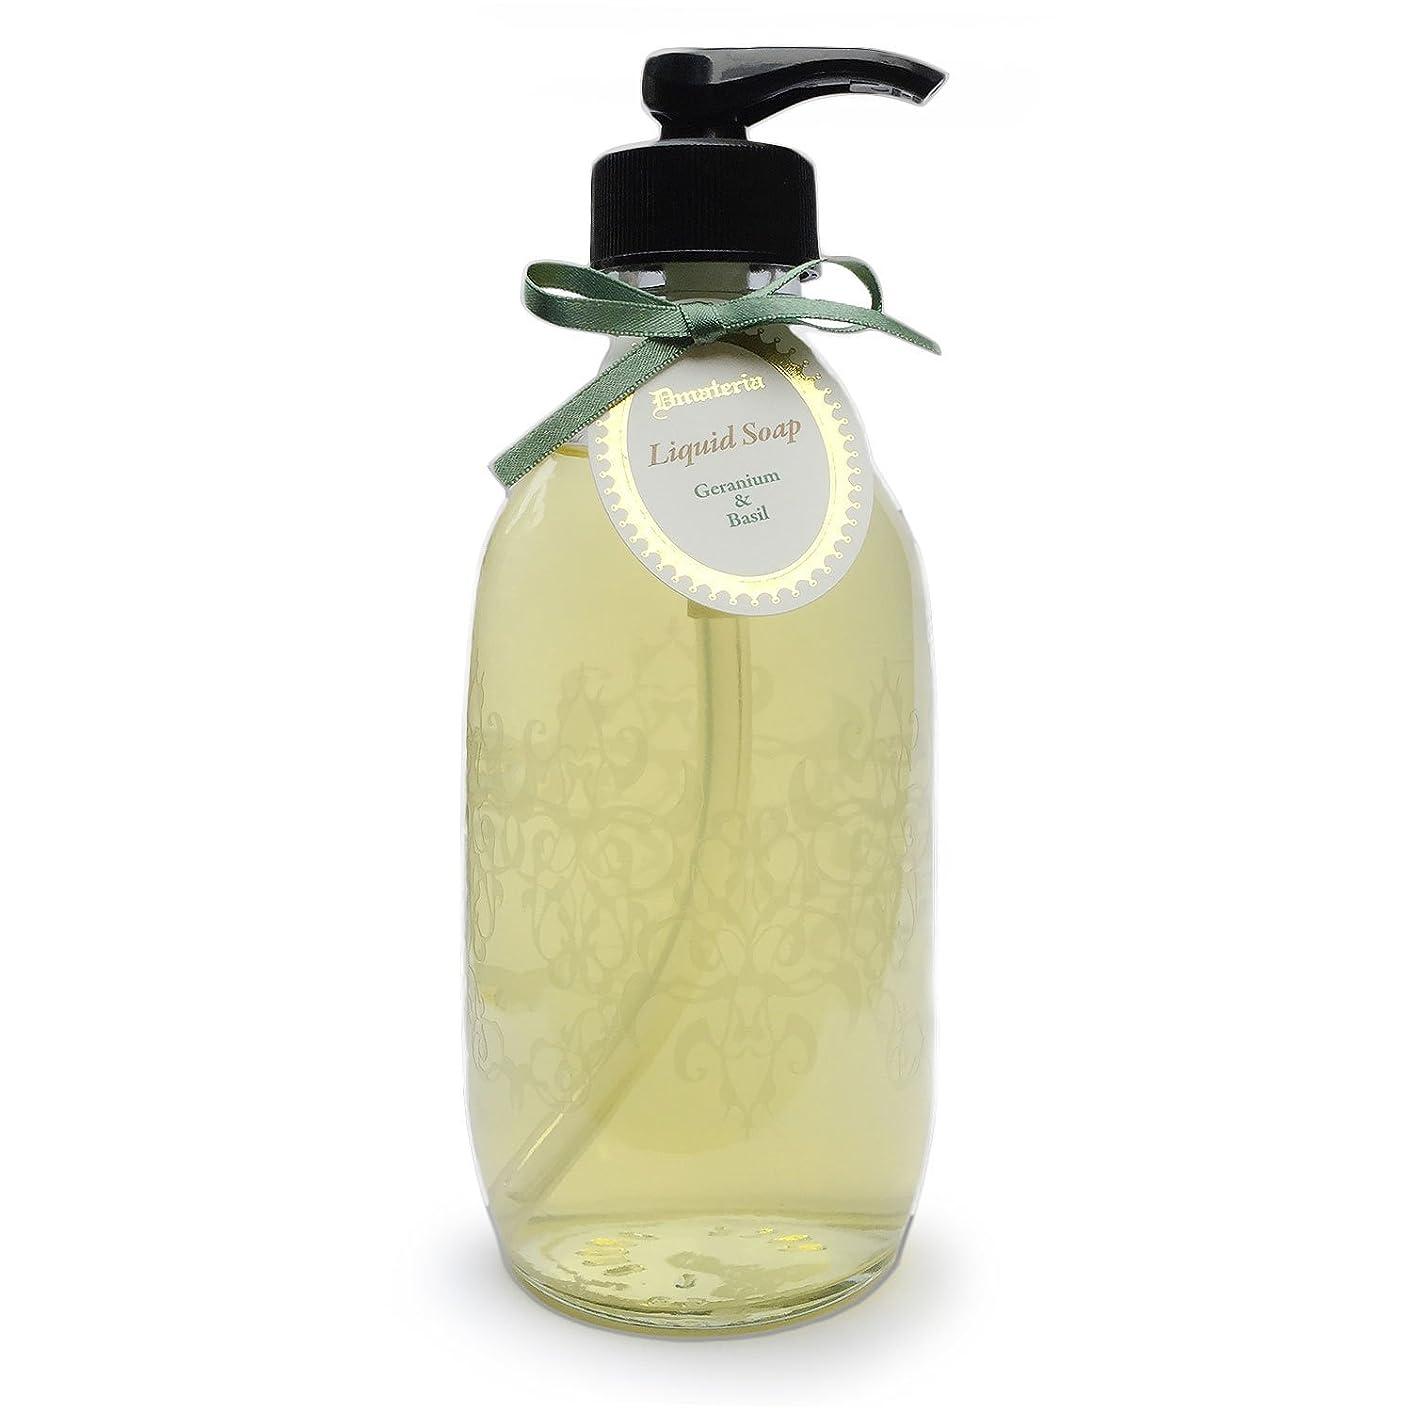 新年南極酒D materia リキッドソープ ゼラニウム&バジル Geranium&Basil Liquid Soap ディーマテリア